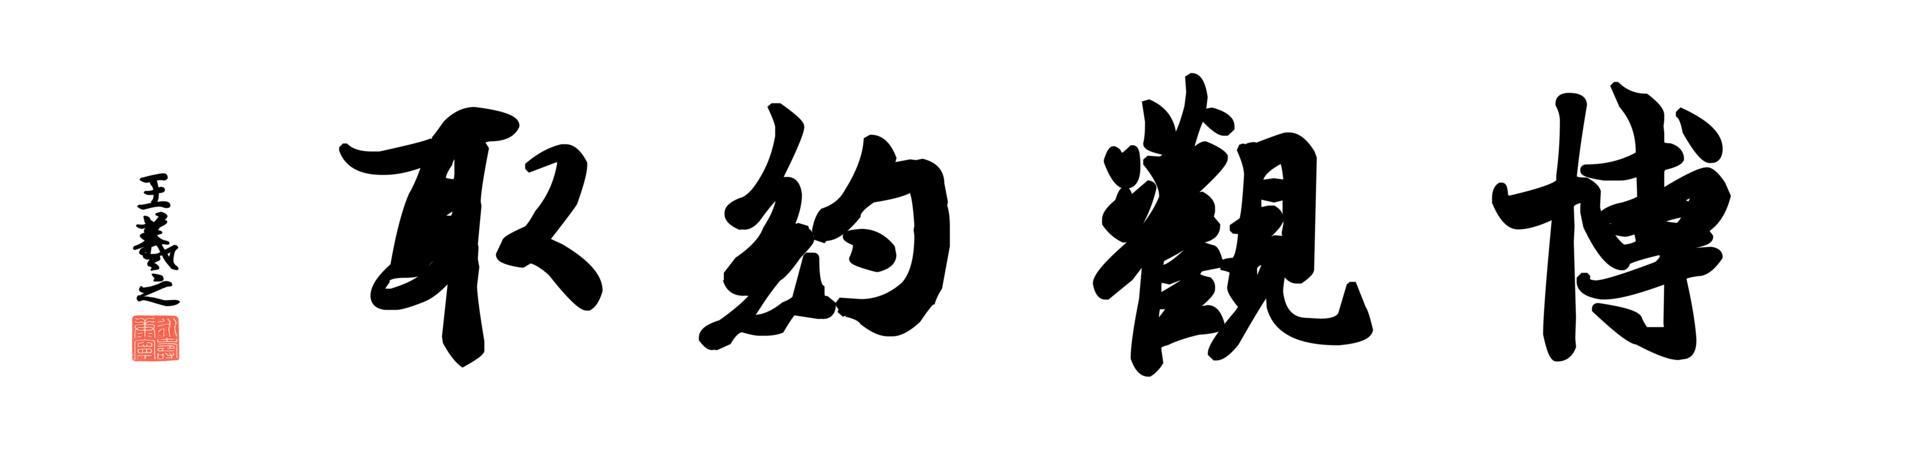 0007_王羲之兰亭体数字书法-四字横幅博观约取136x33cm_21417x5197PX_TIF_400DPI_326_0